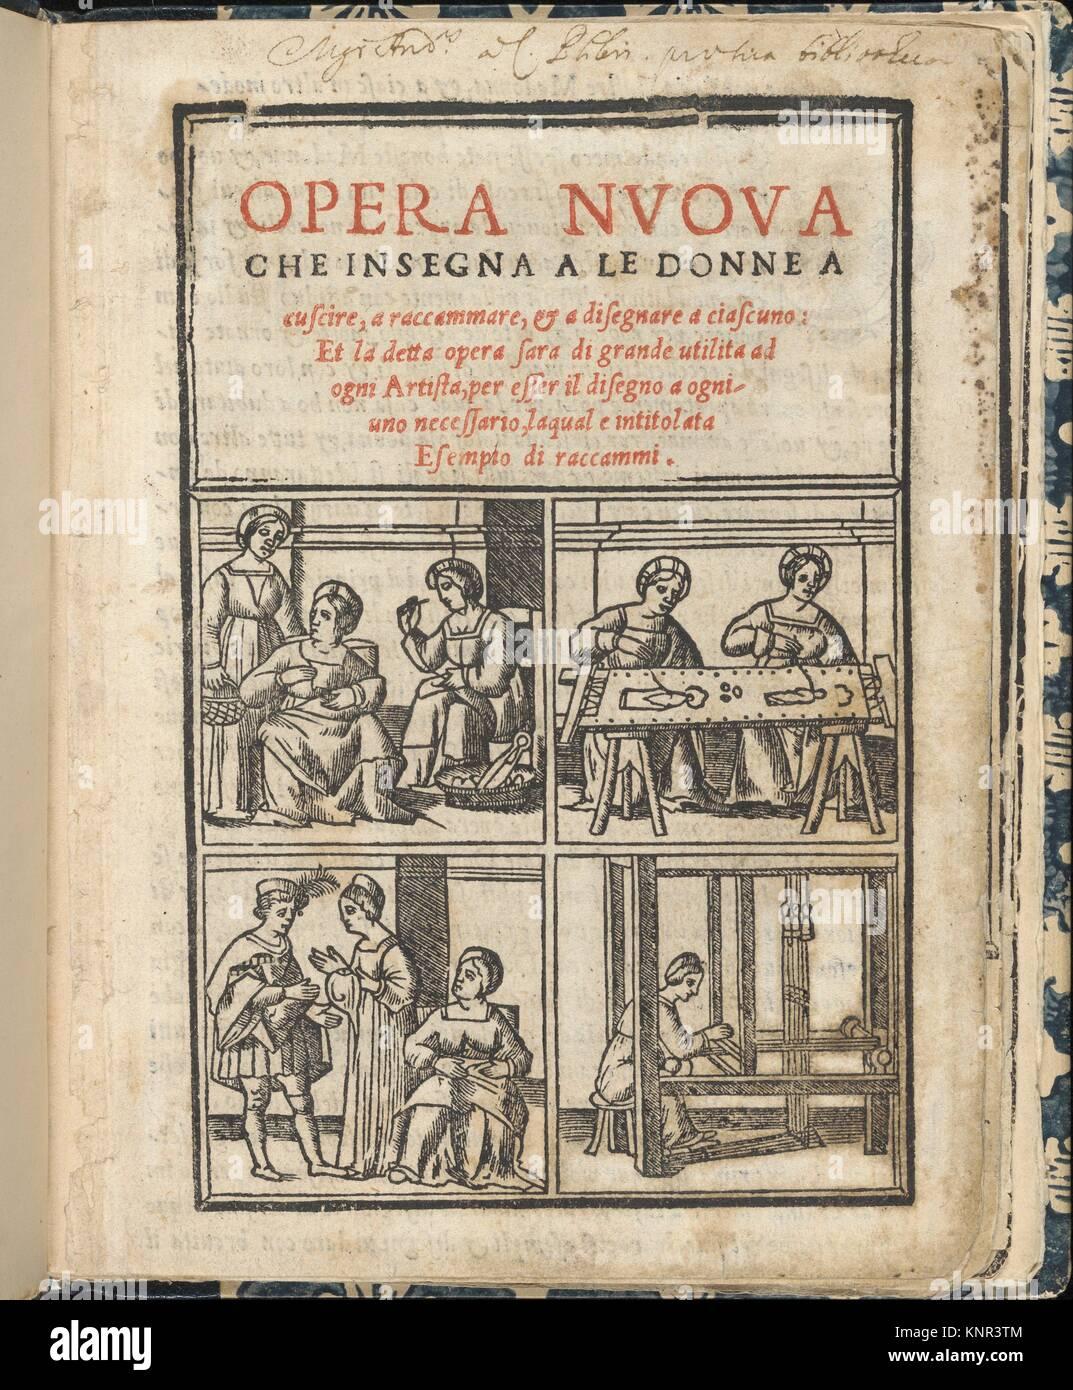 Essempio di recammi. Author: Giovanni Antonio Tagliente (Italian, Venice ca. 1465-1528 Venice); Publisher: Giovanni - Stock Image